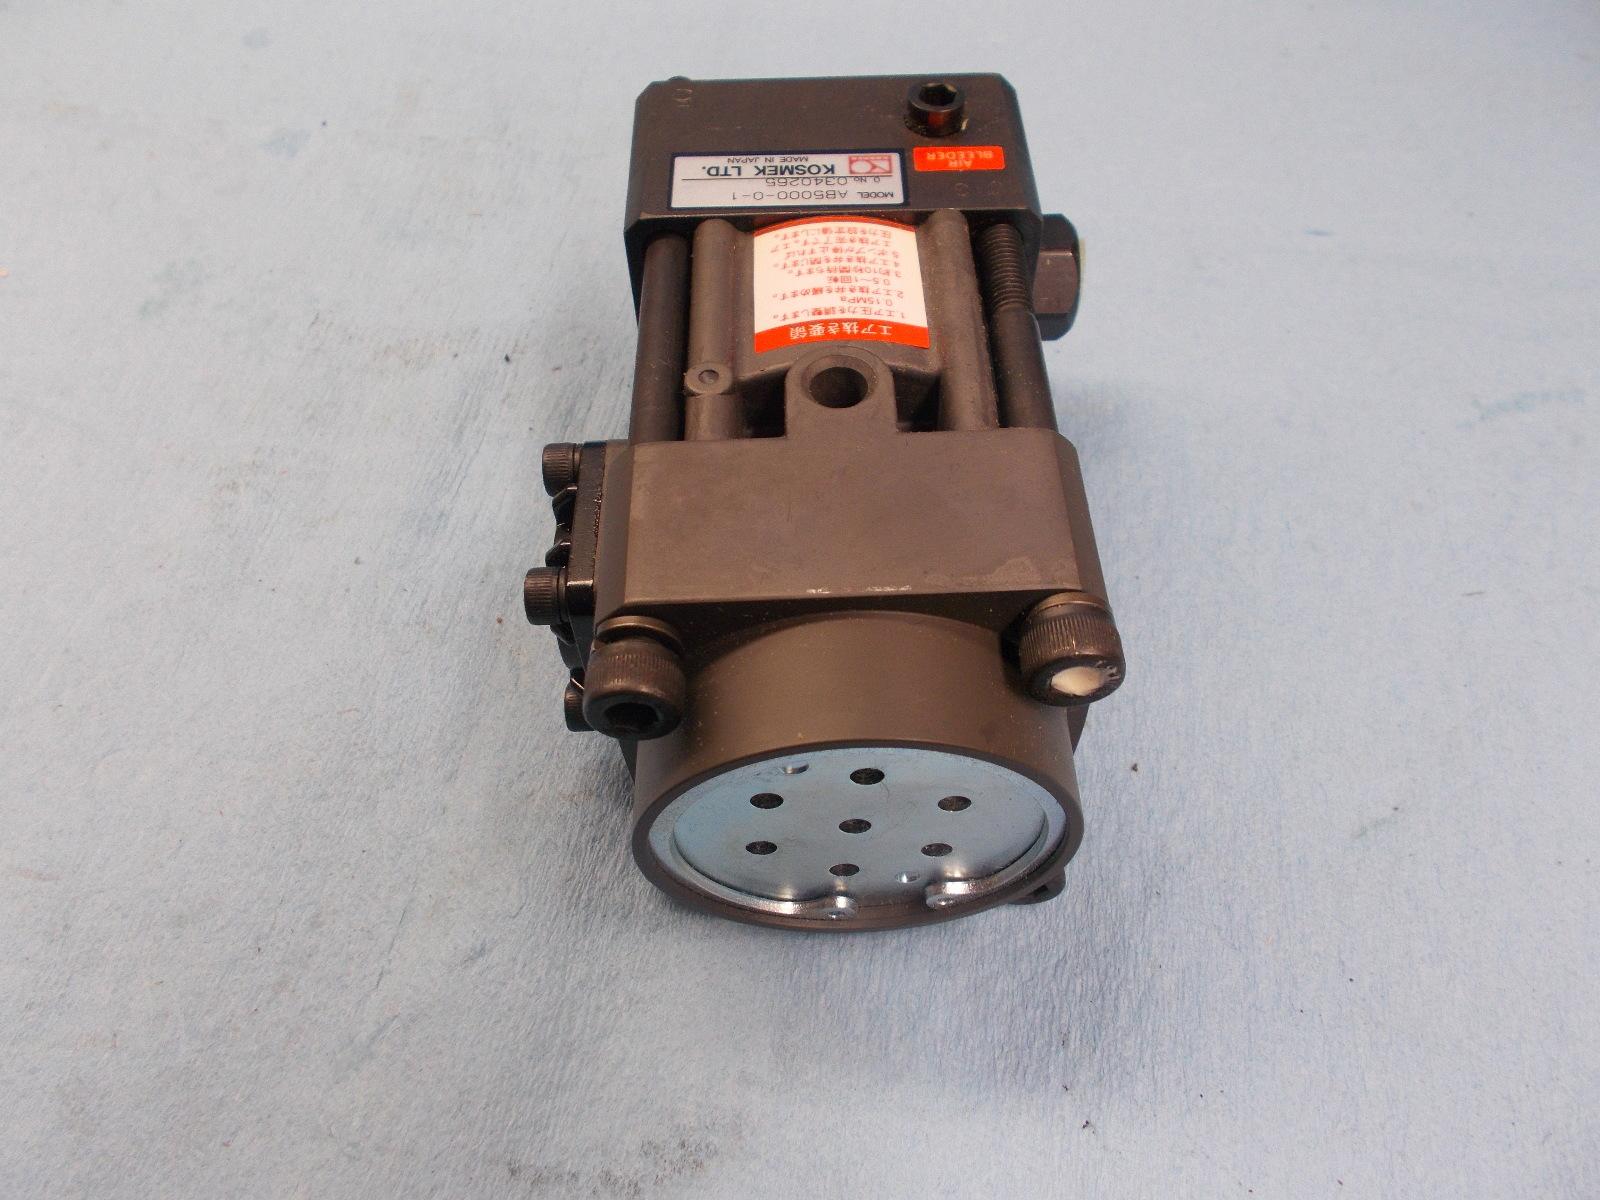 Kosmek hydraulic industrial ab heavy duty work holding